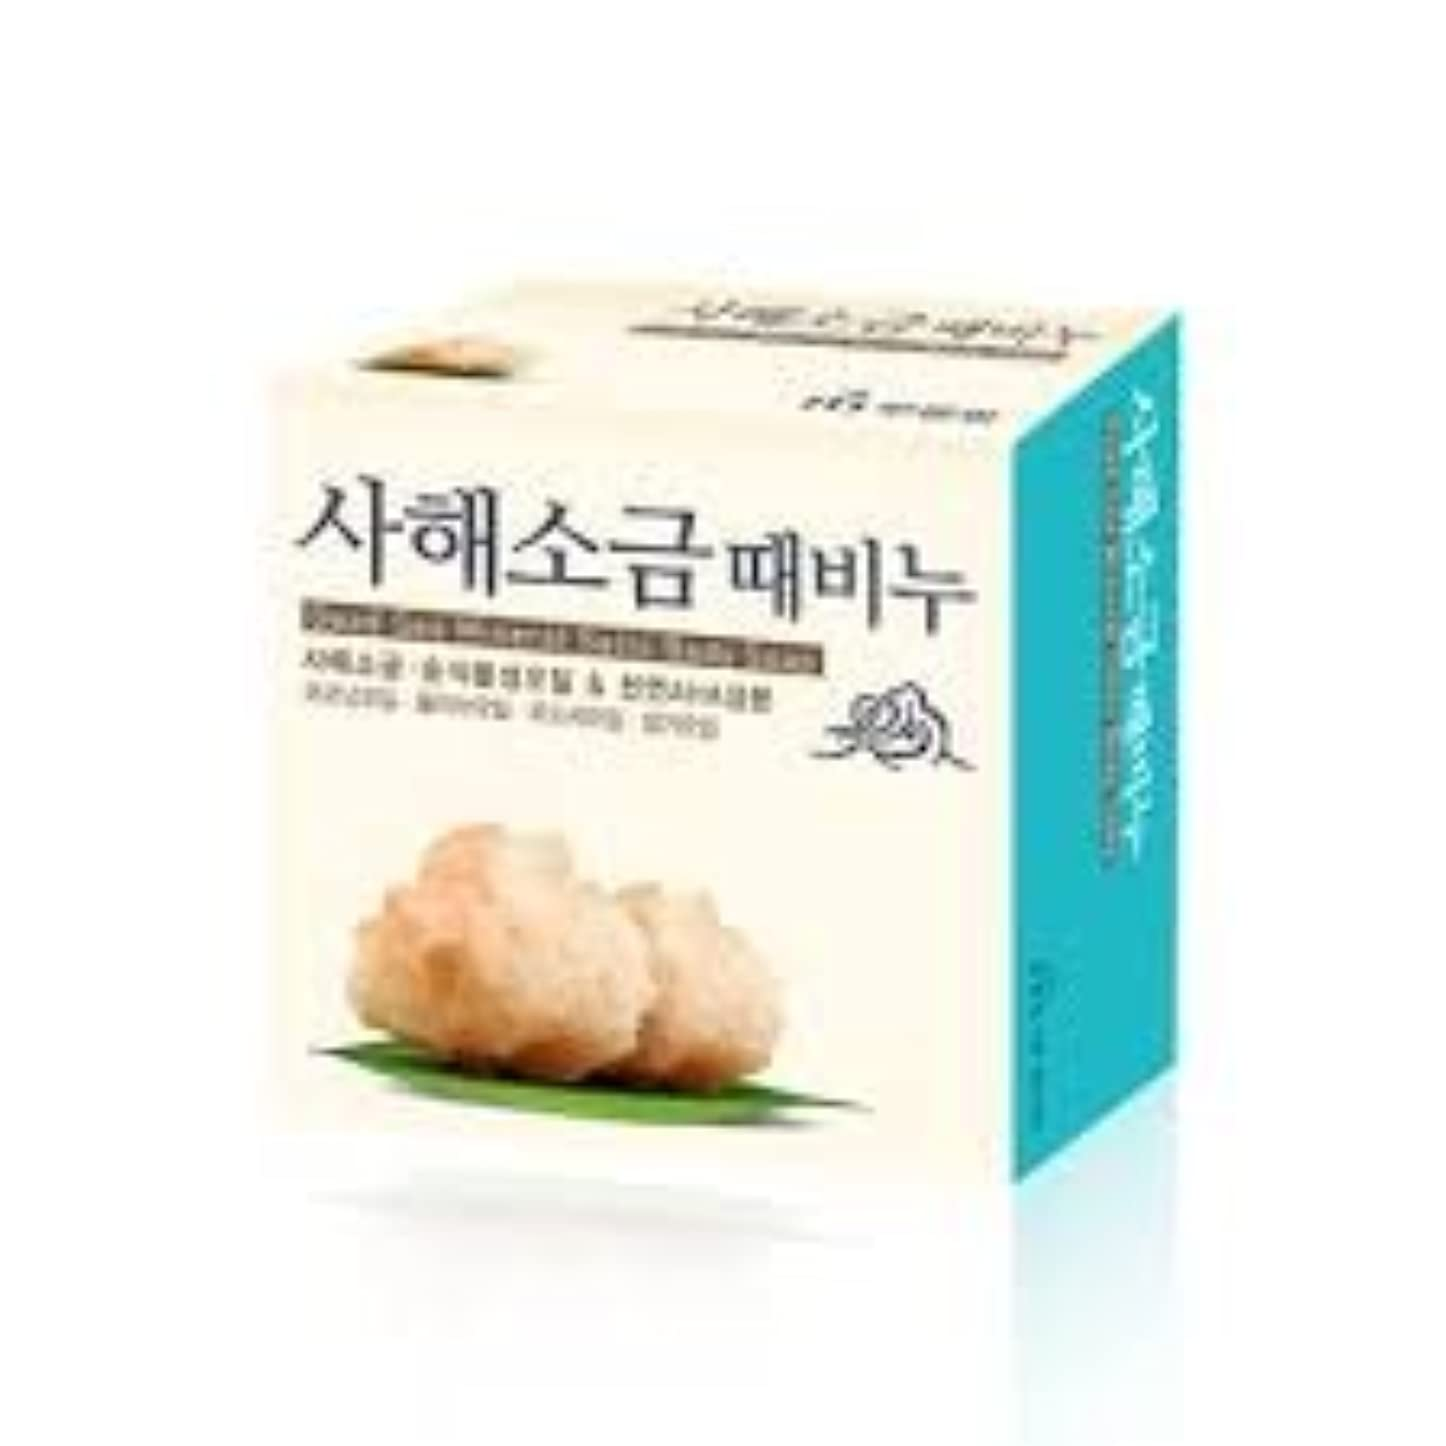 左怪物短くするムグンファ[MUKUNGHWA] 死海 塩 垢石鹸 100g/ Dead Sea Mineral Salts Body Soap